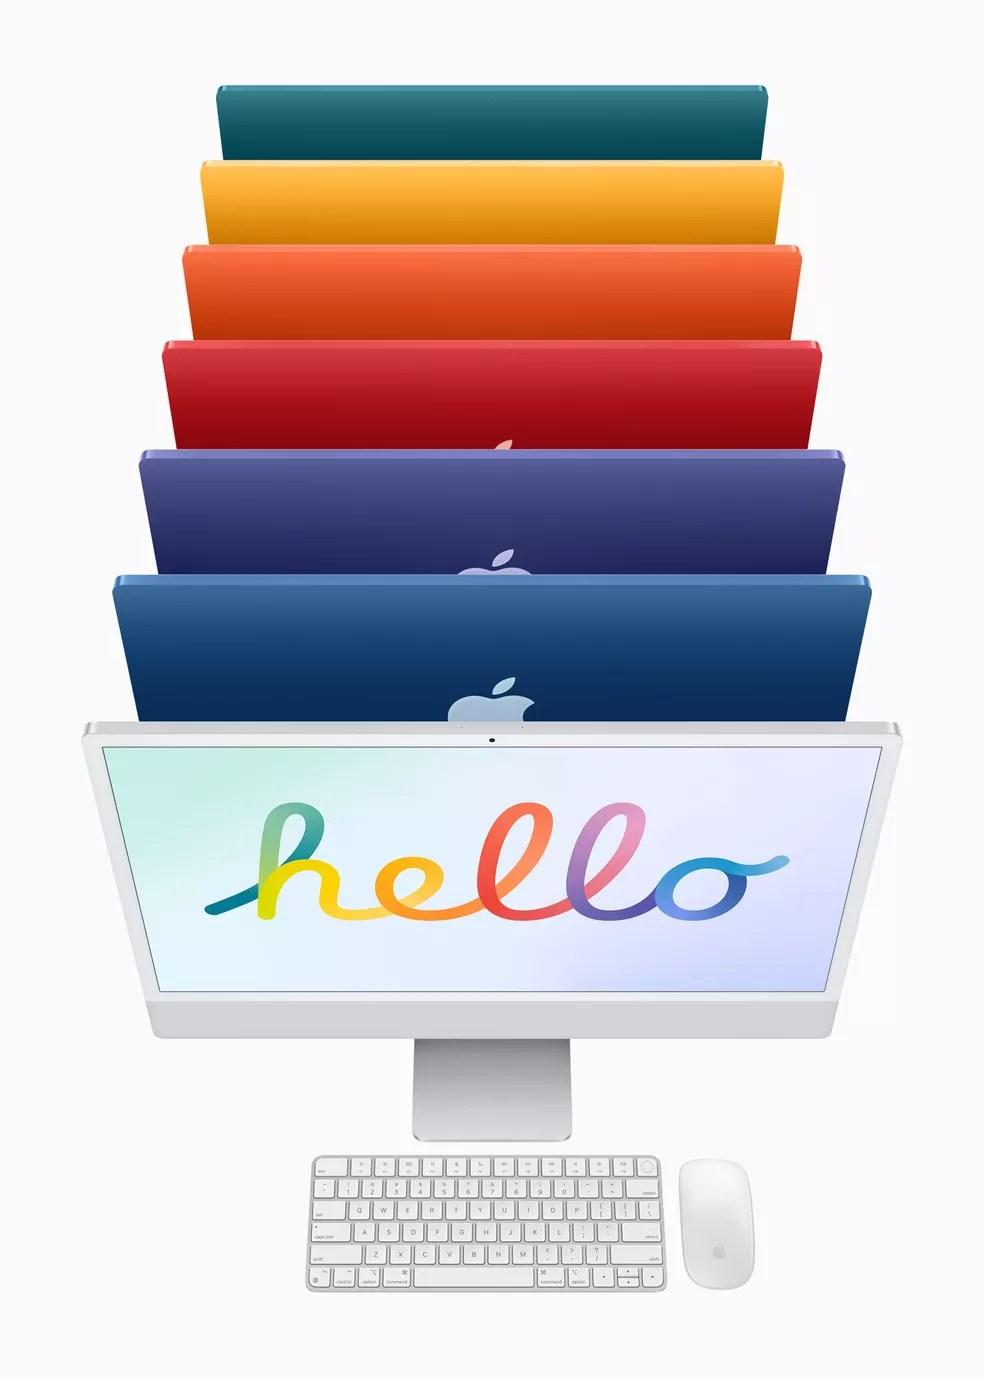 Novas cores do iMac. — Foto: Divulgação/Apple